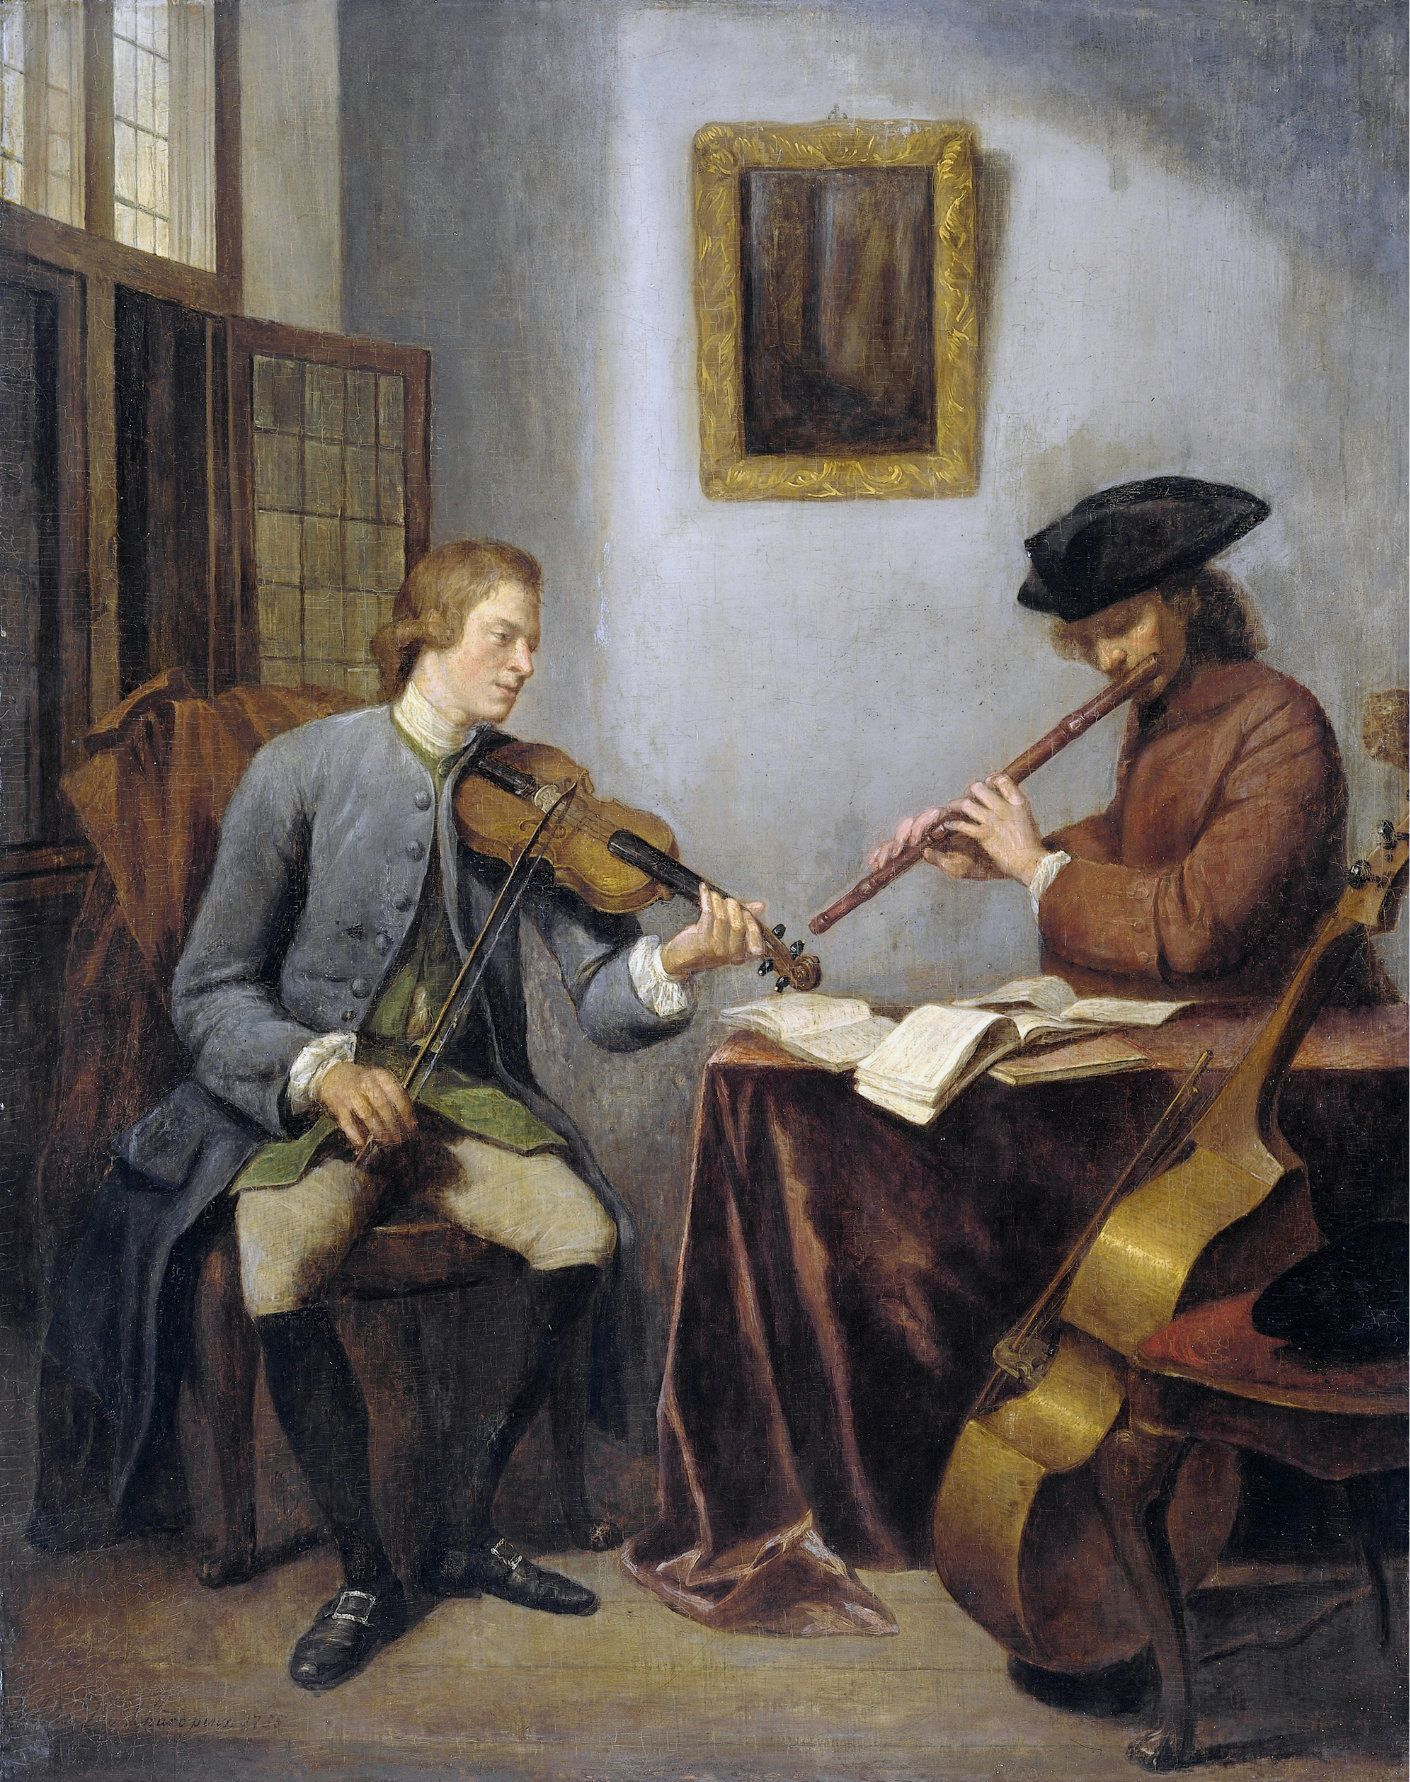 Живопись 17-19 веков - Вернисаж на тему *Играй Музыкант ...